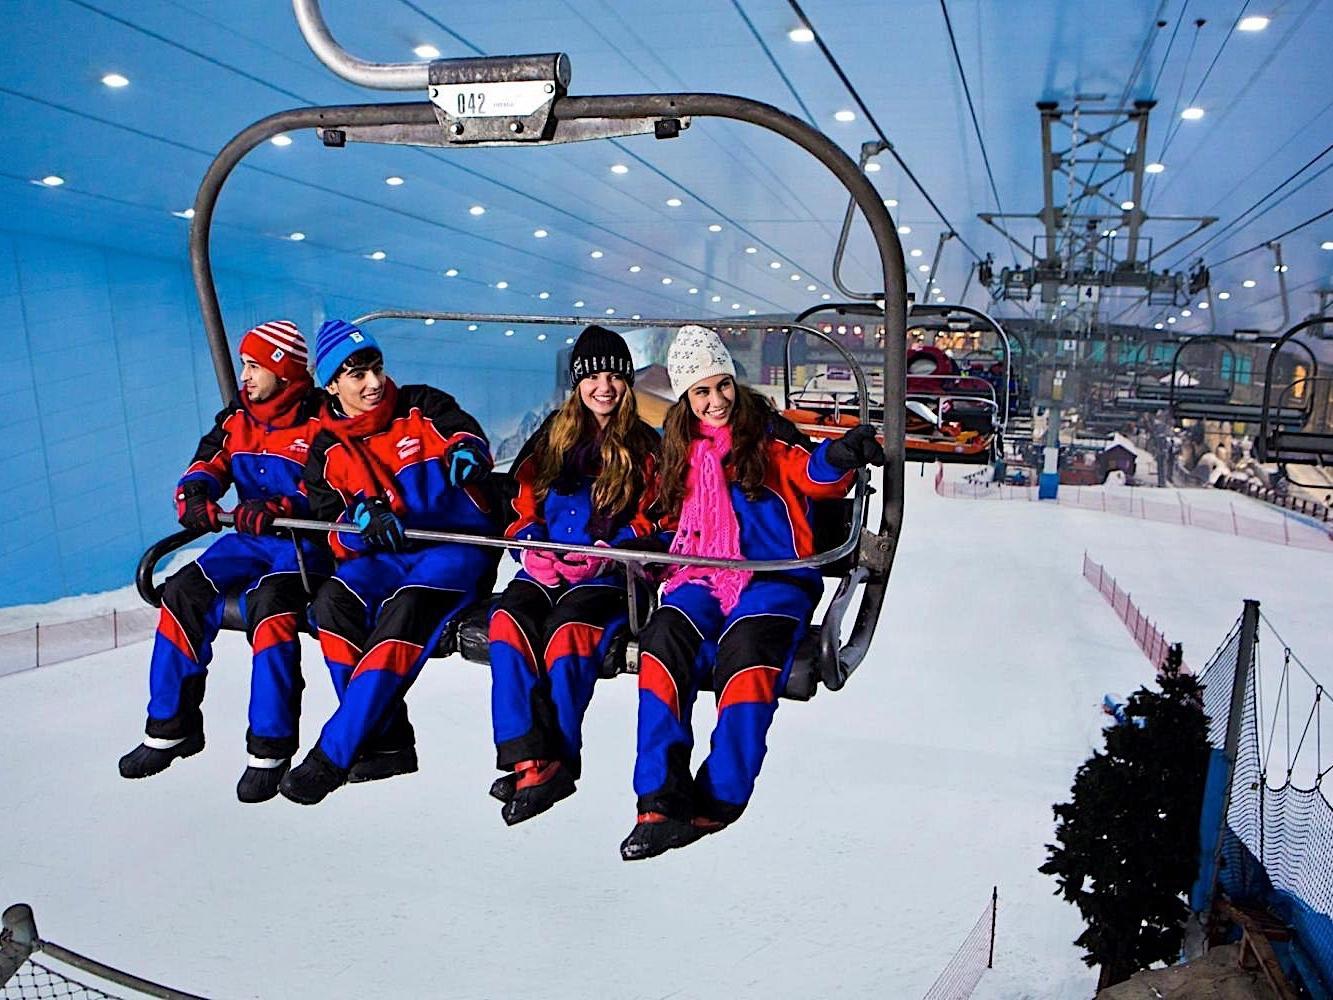 Ski Dubai Snow